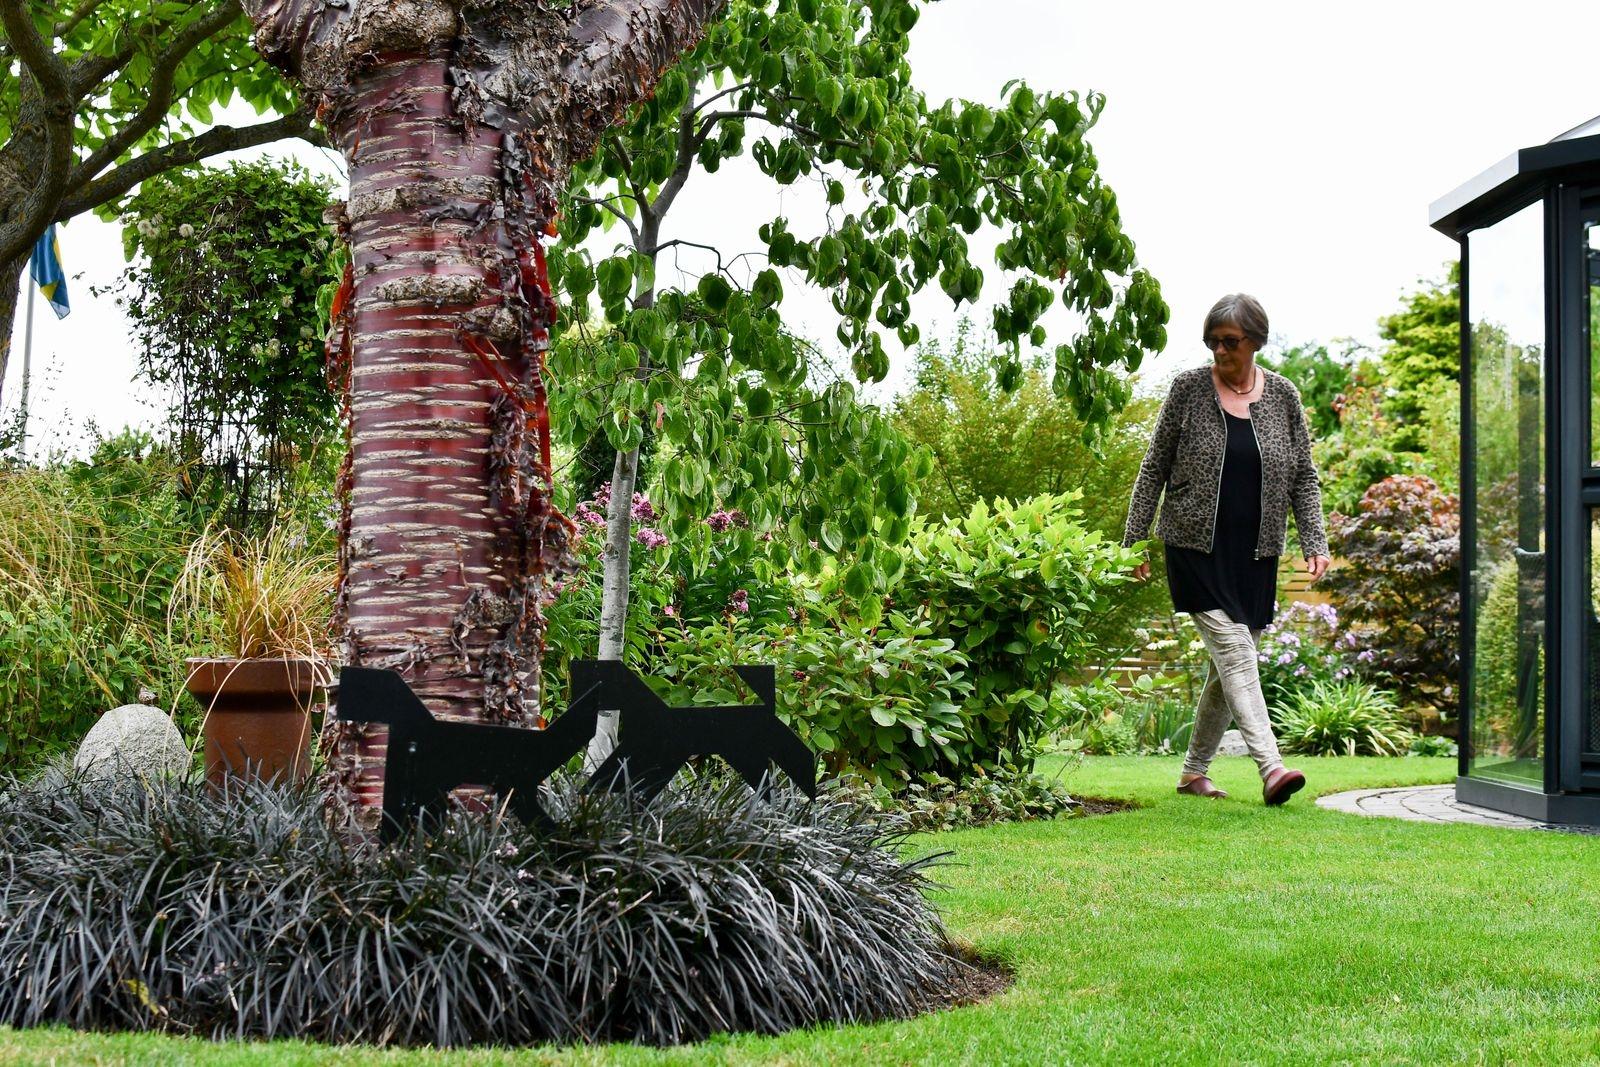 Glanskörsbärsträdet med sin vackra stam utgör trädgårdens medelpunkt. Effektfullt inramat av mörkt ormskägg.